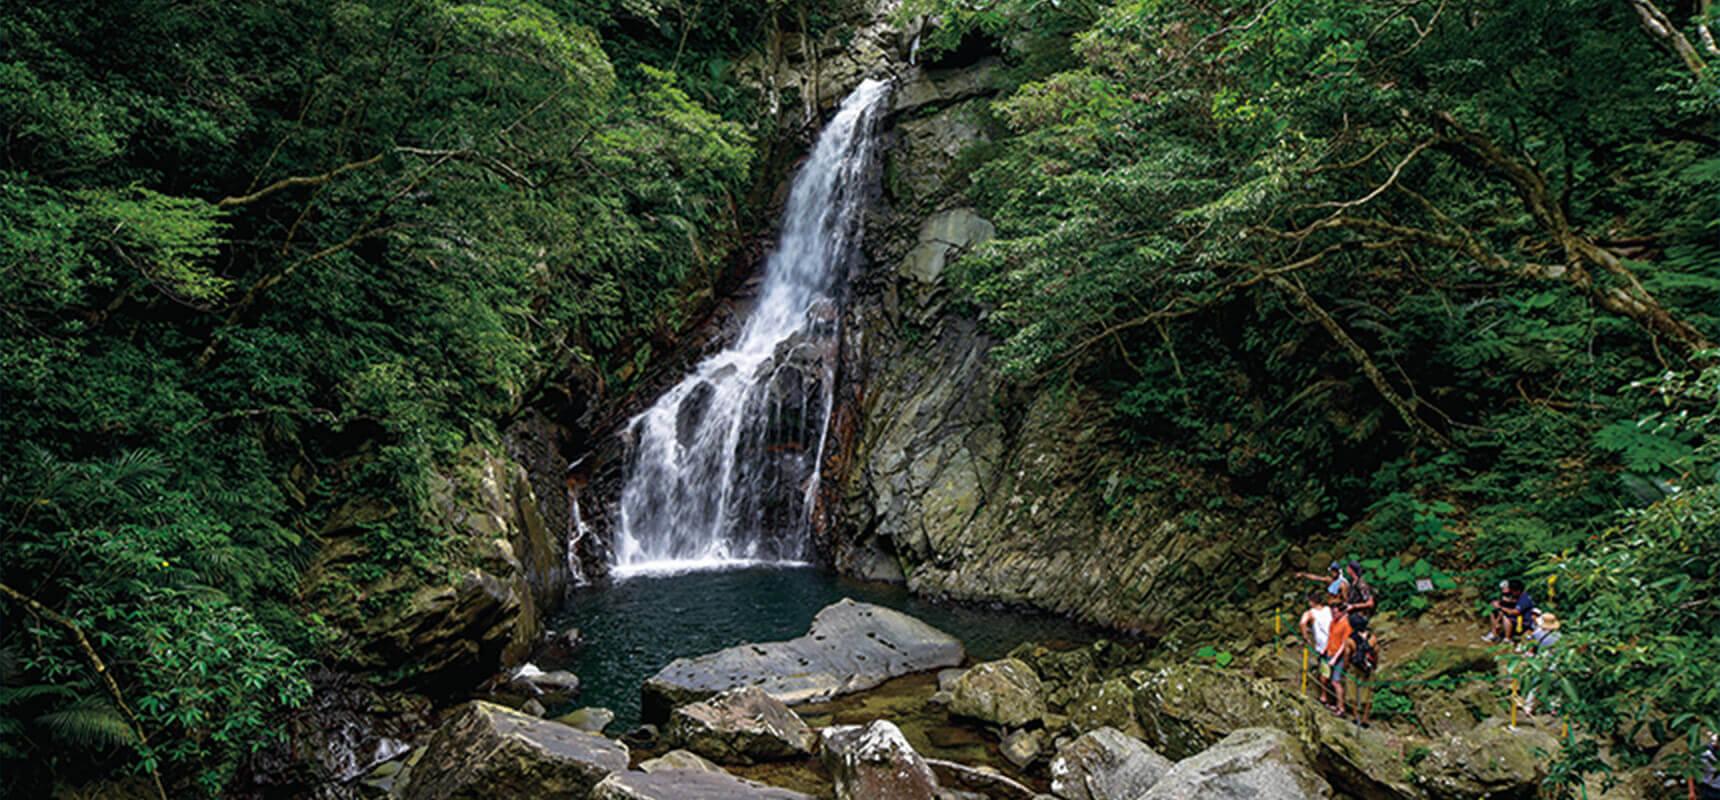 體驗亞熱帶的大自然!感受沖繩野外健行與眾不同的魅力